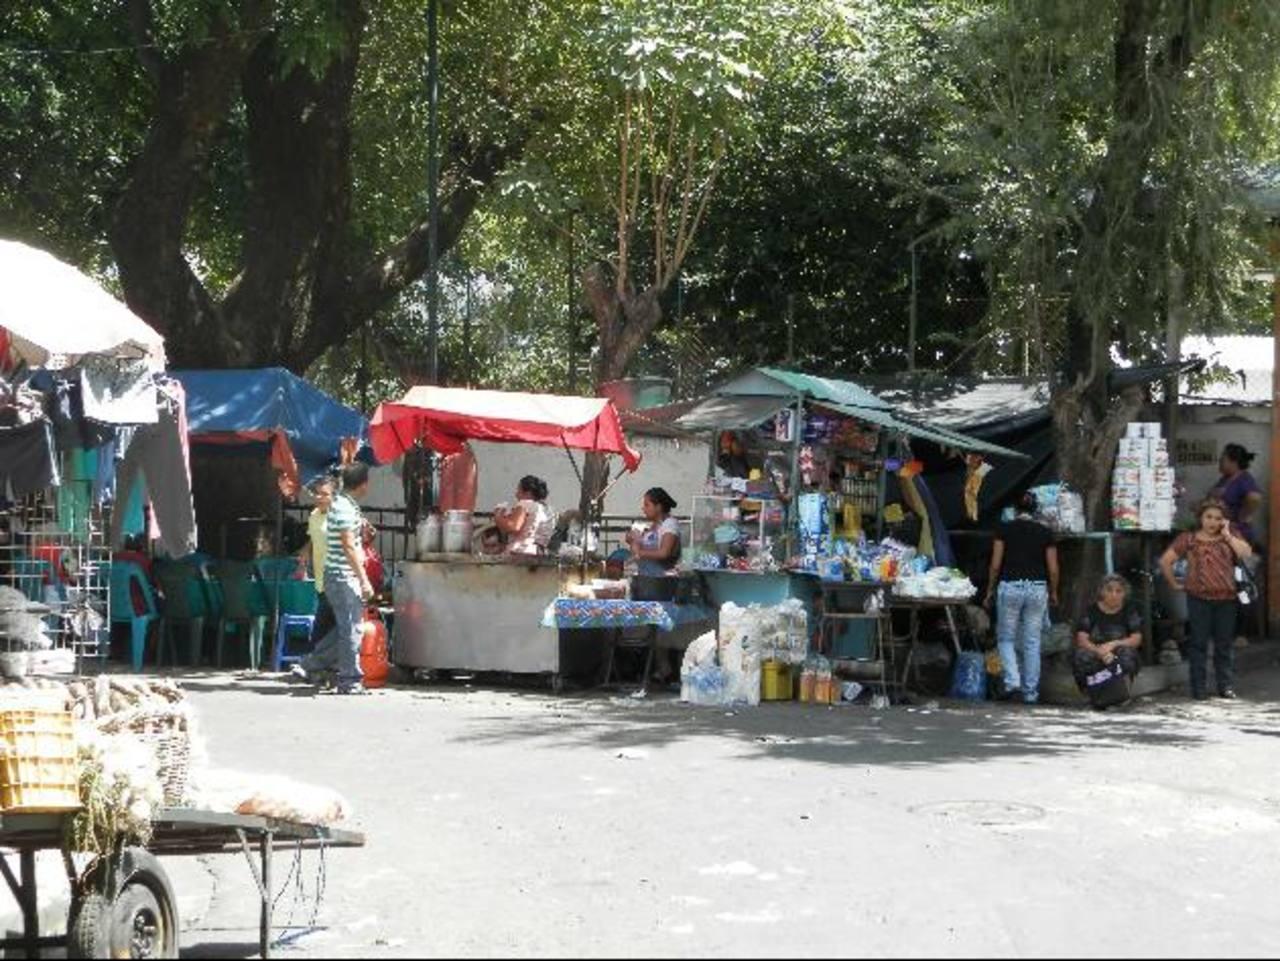 Los vendedores permanecen en los alrededores de las entradas principales del hospital. El traslado de los puestos generaría una mejor circulación vehicular y peatonal por la zona.